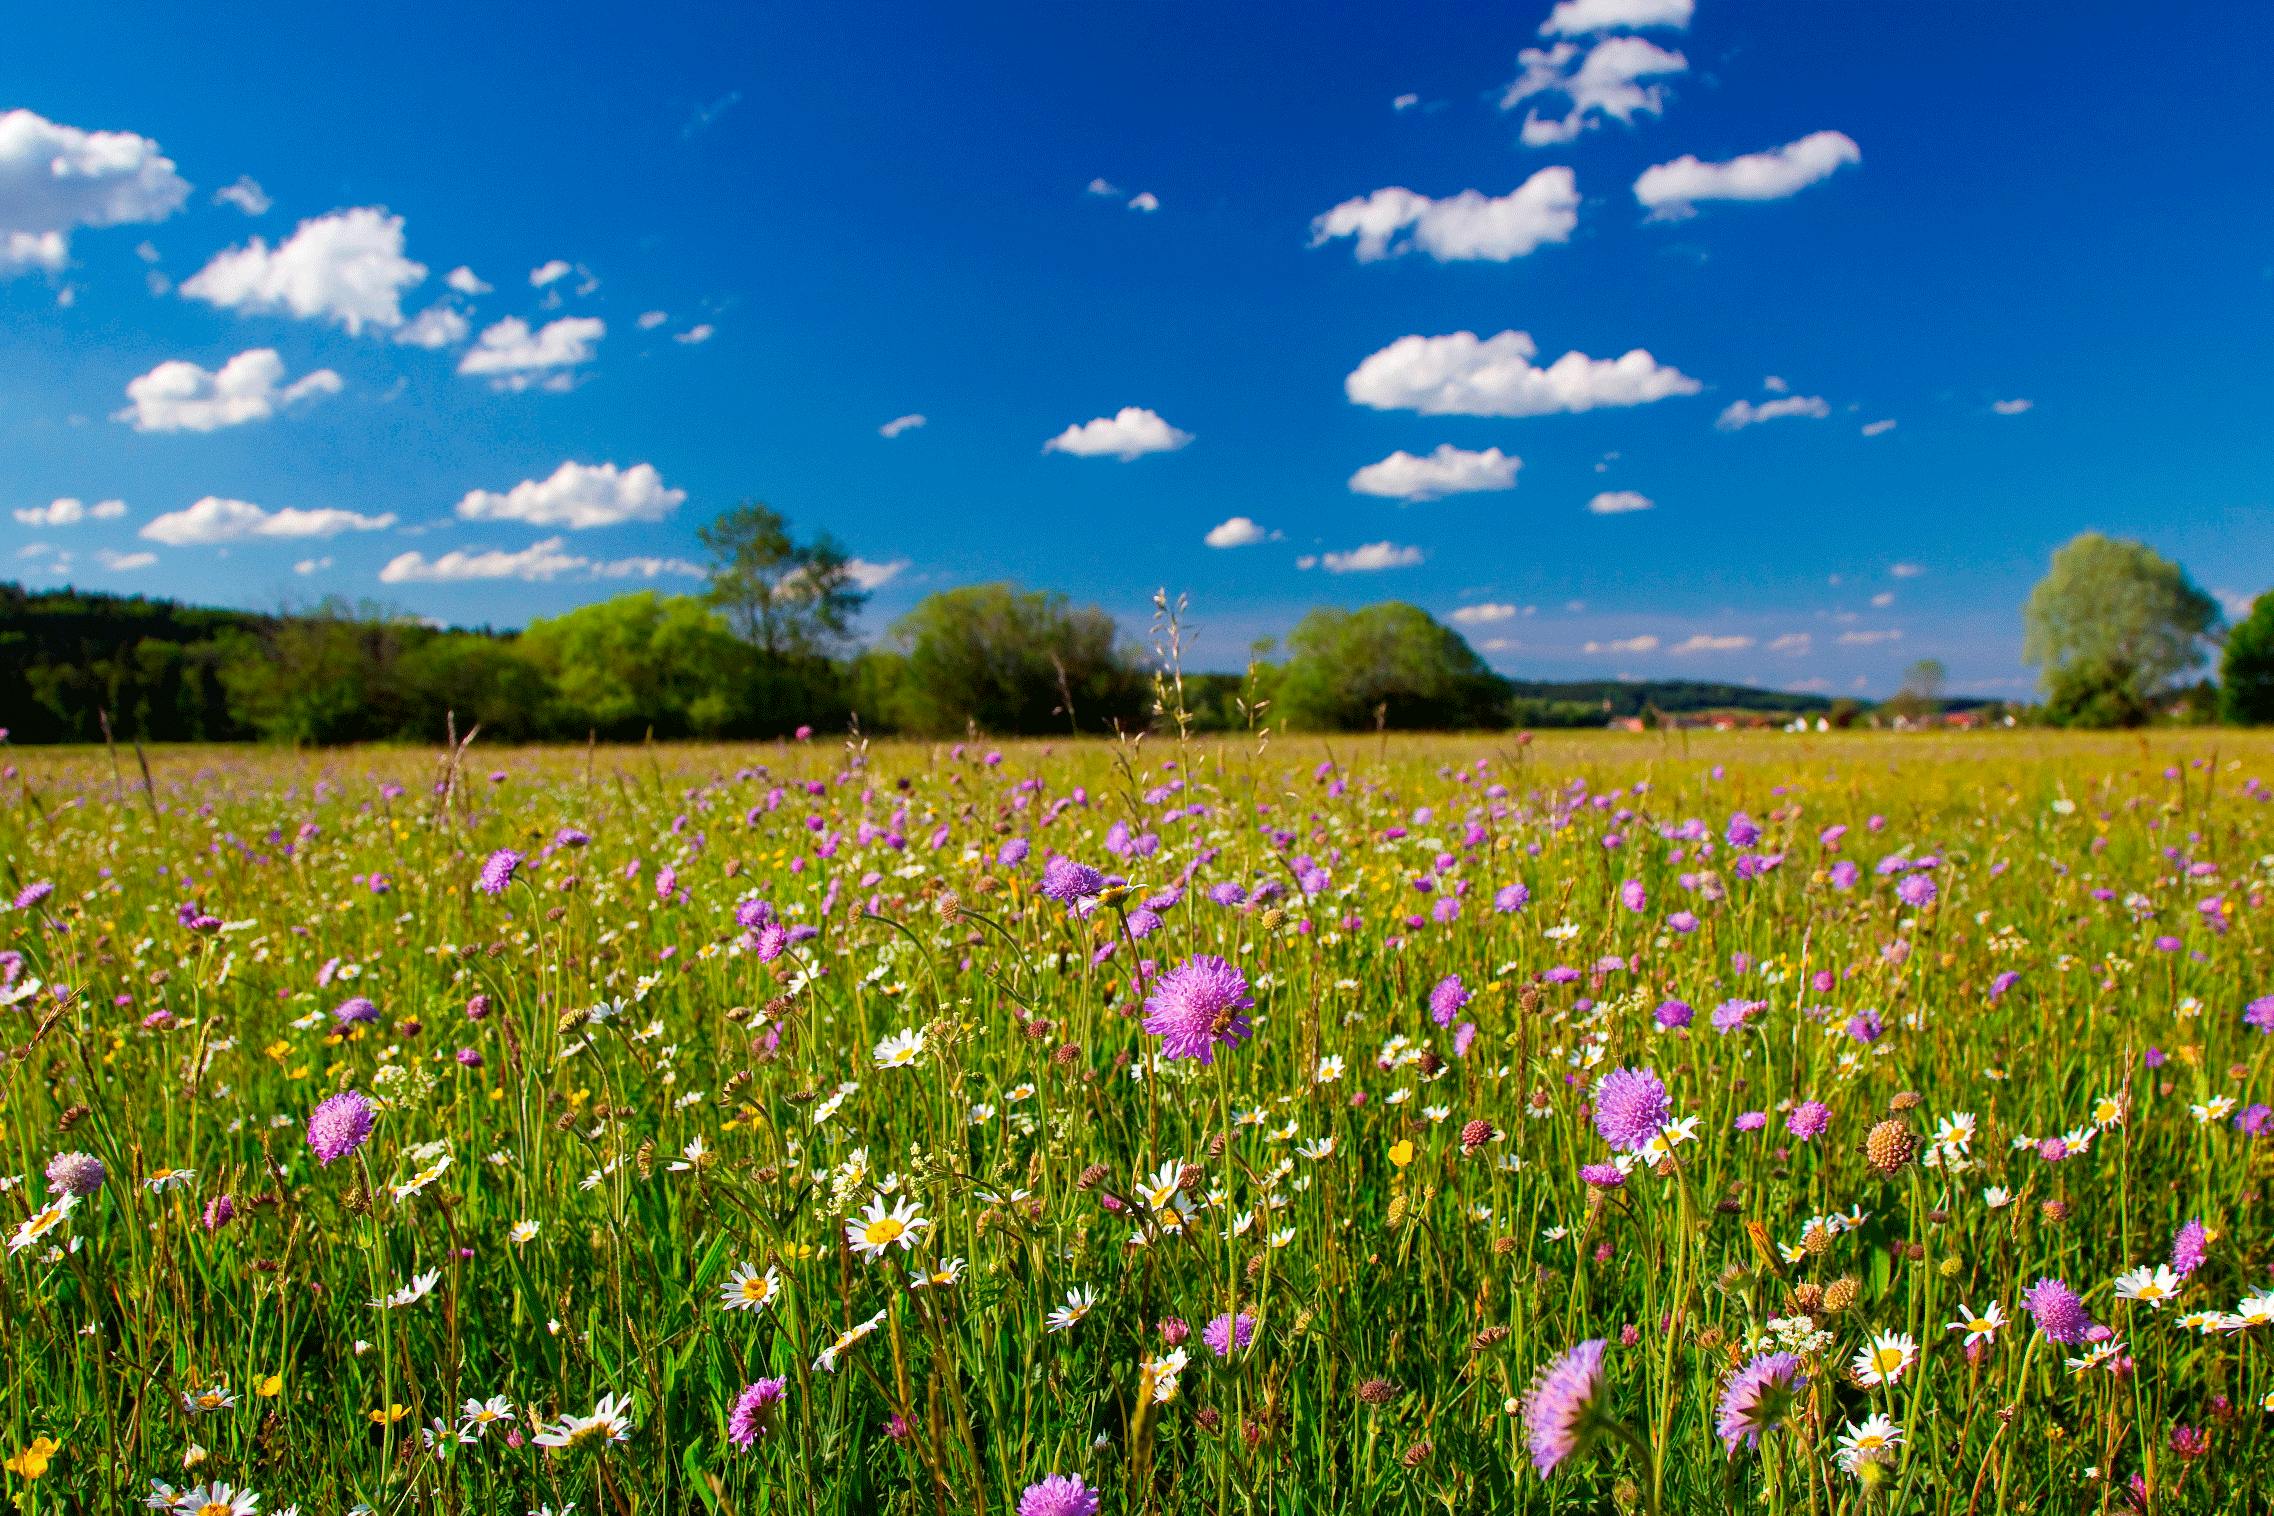 Bunte extensive Blumenwiese - dominiert von Margheriten und Witwenblumen - mit blauem Himmel im Hintergrund